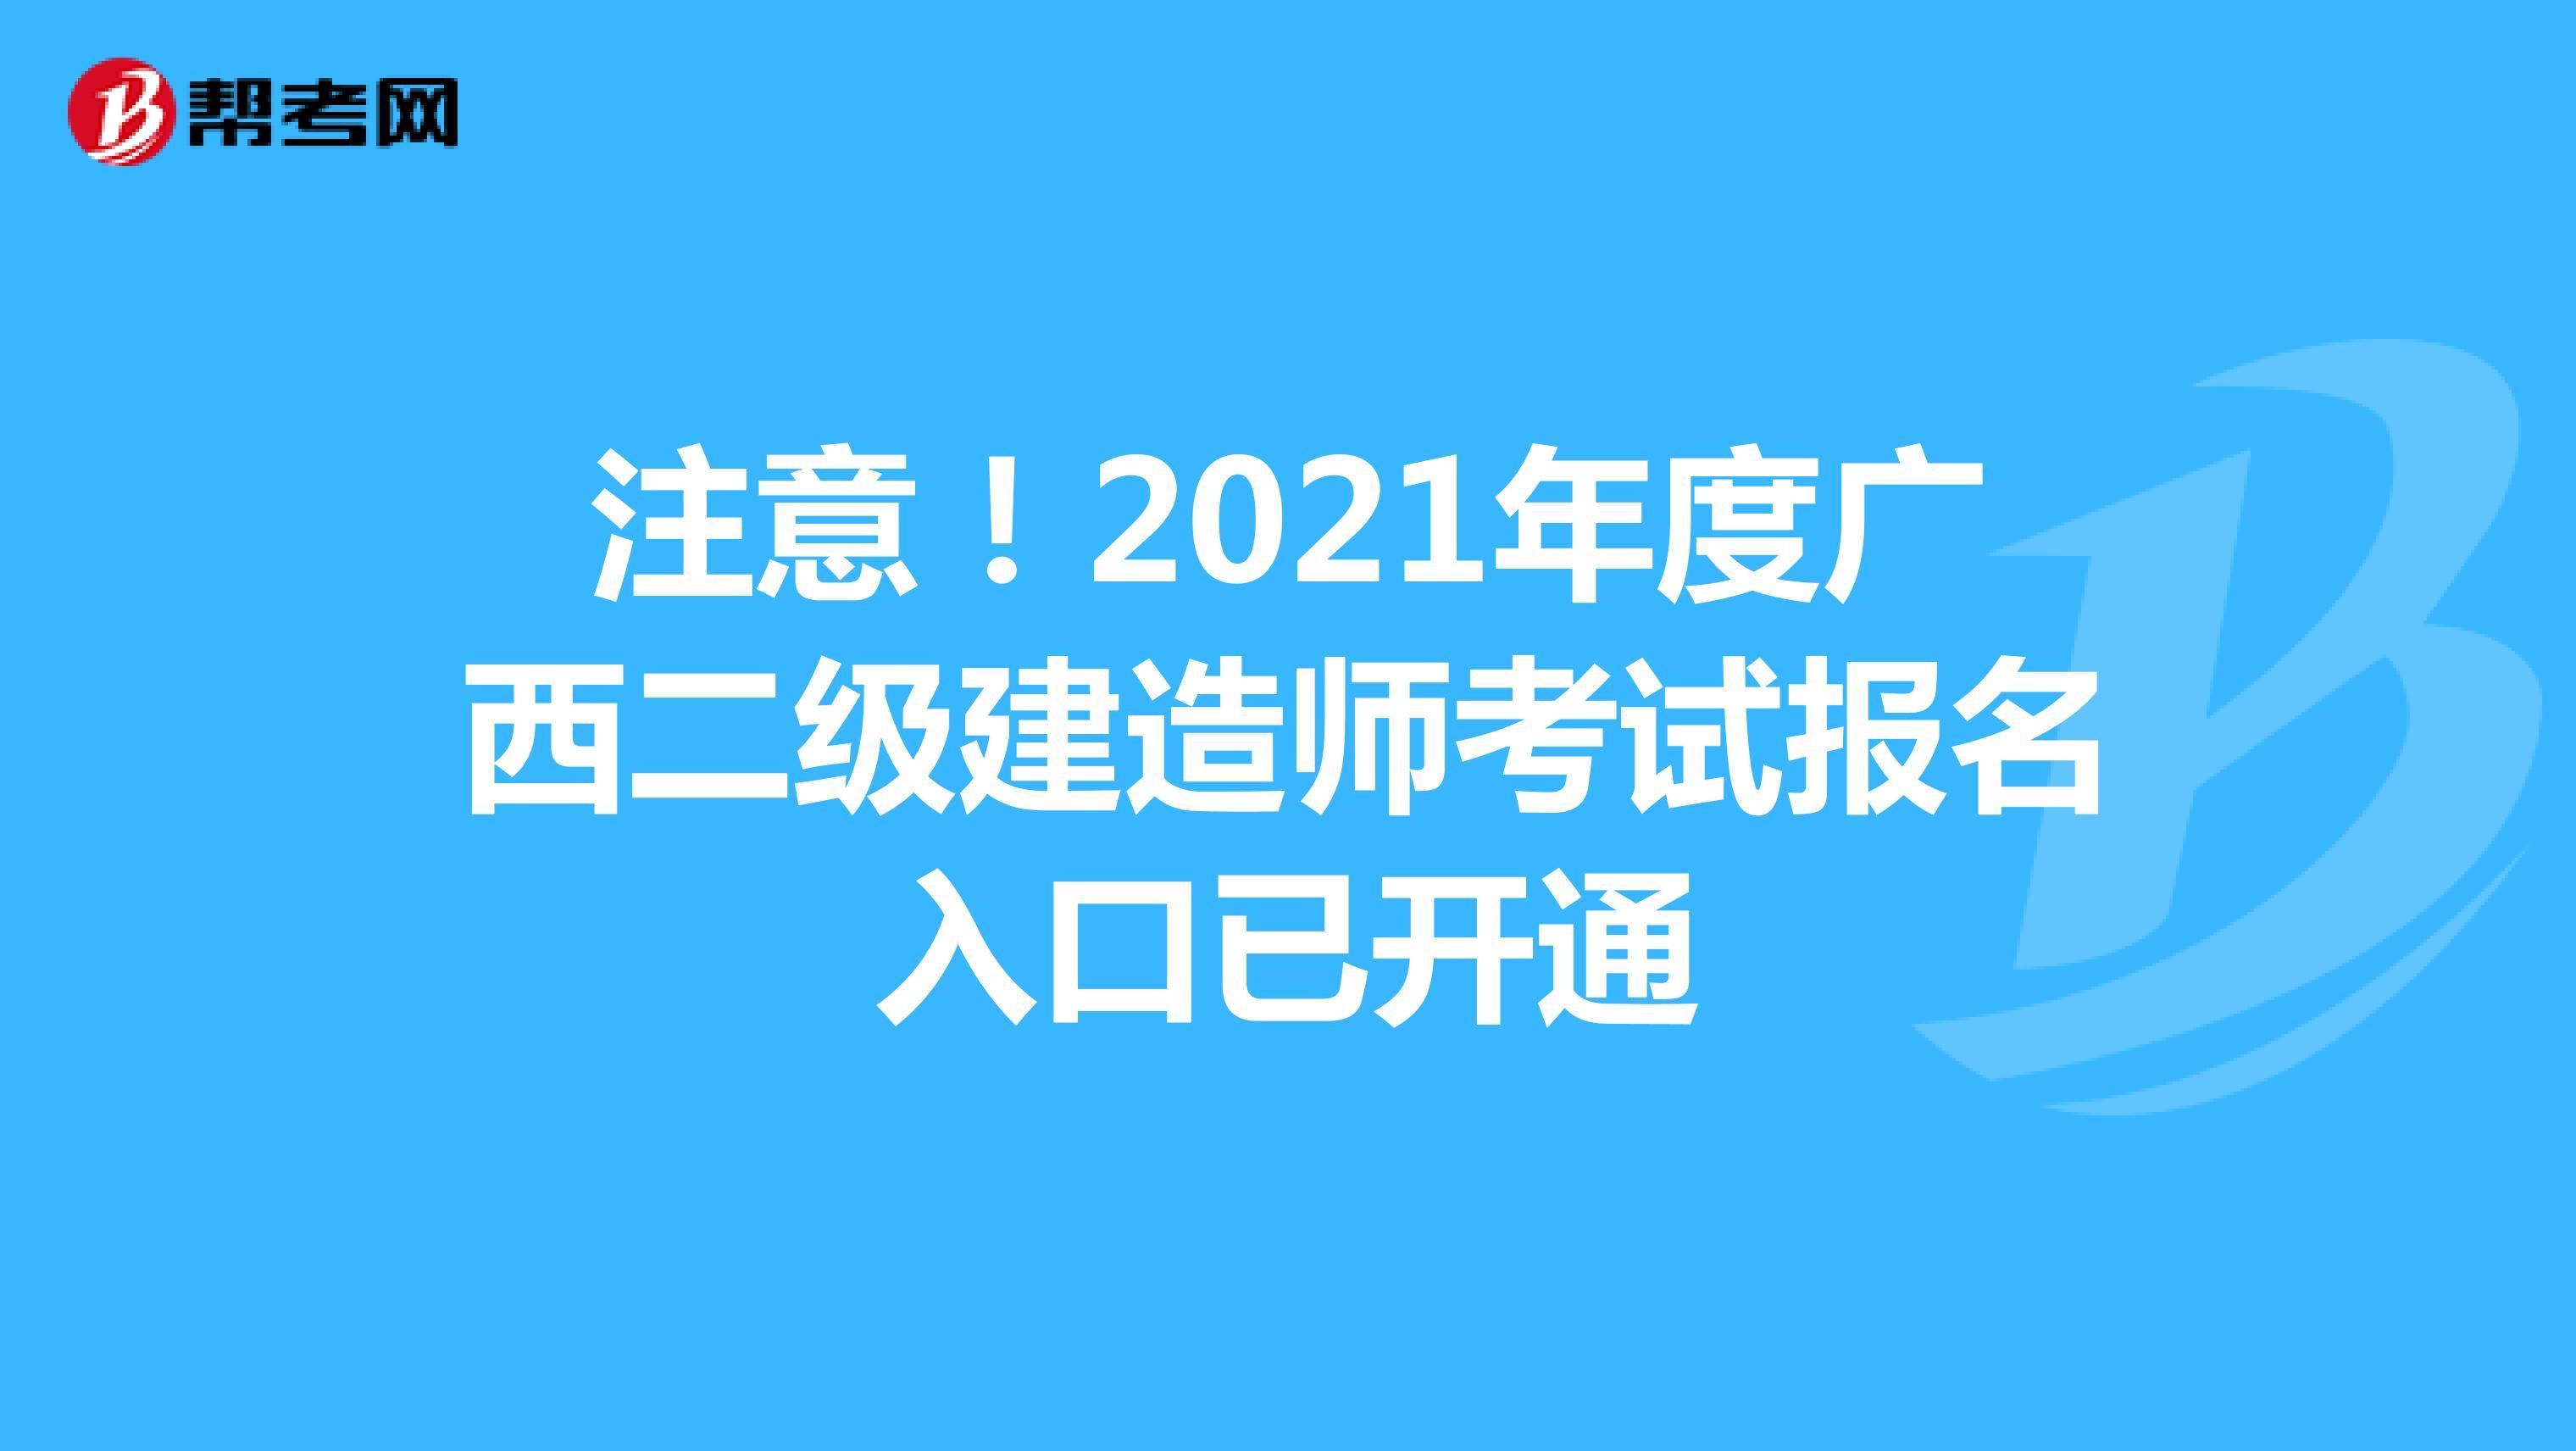 注意!2021年度廣西二級建造師考試報名入口已開通